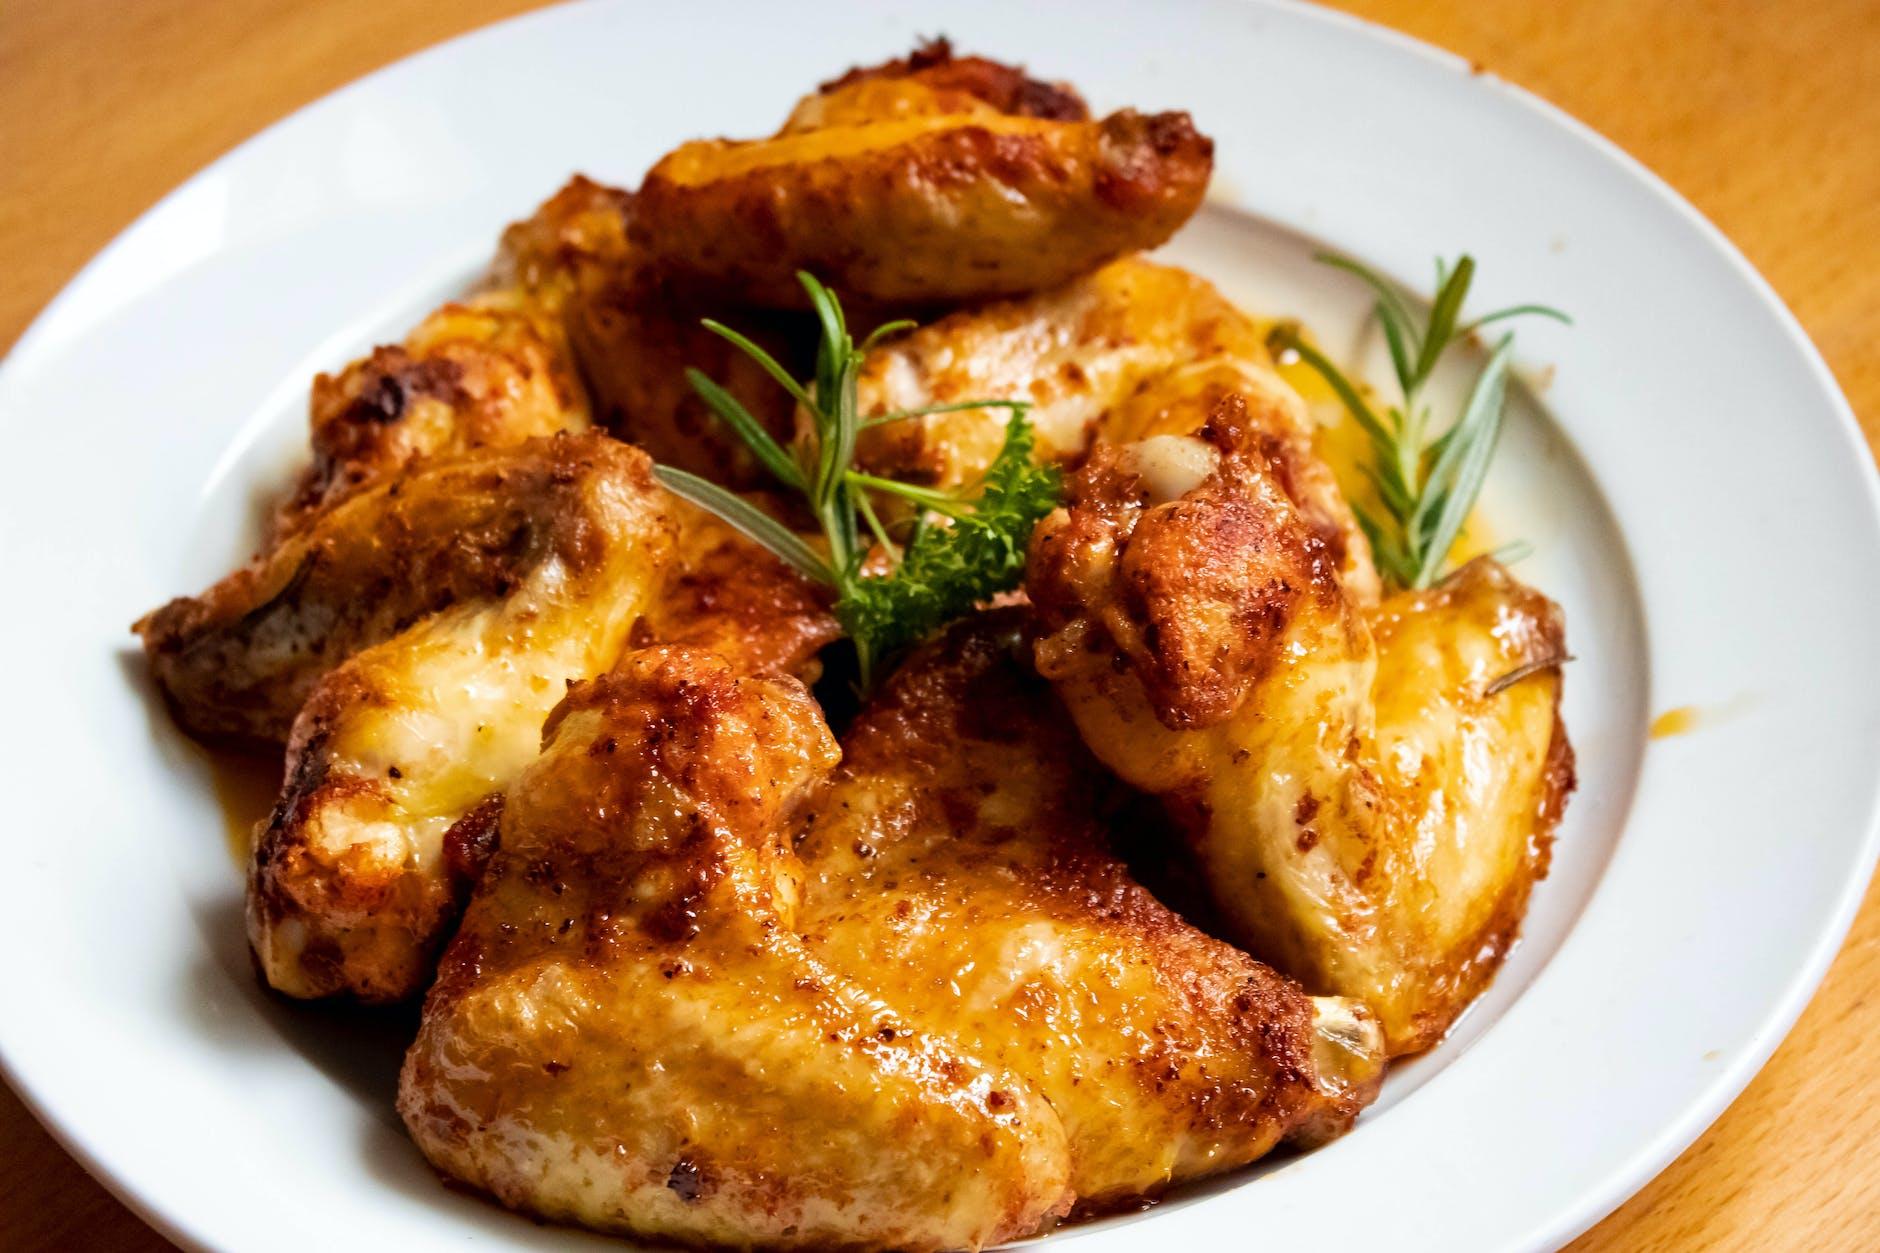 gunakan garam dan baking soda ketika memasak sayap ayam